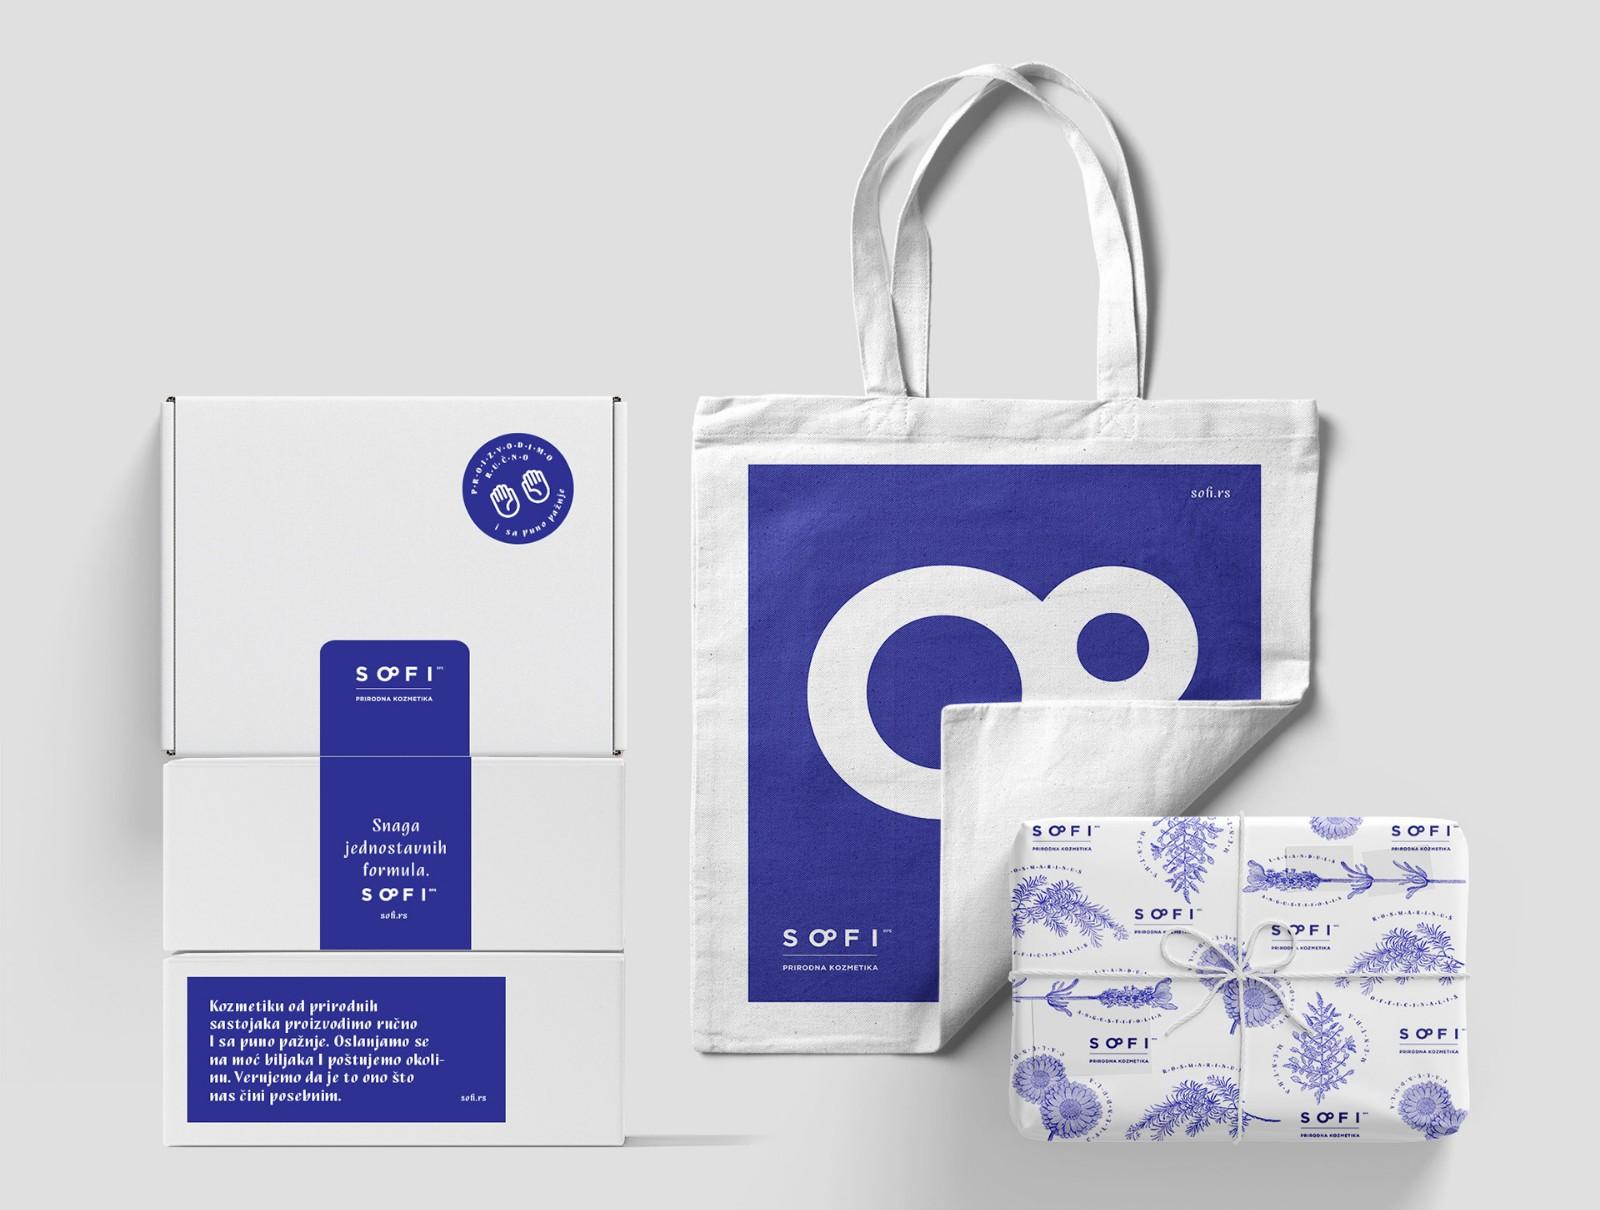 藝點化妝品包裝設計案例-每天一點創意